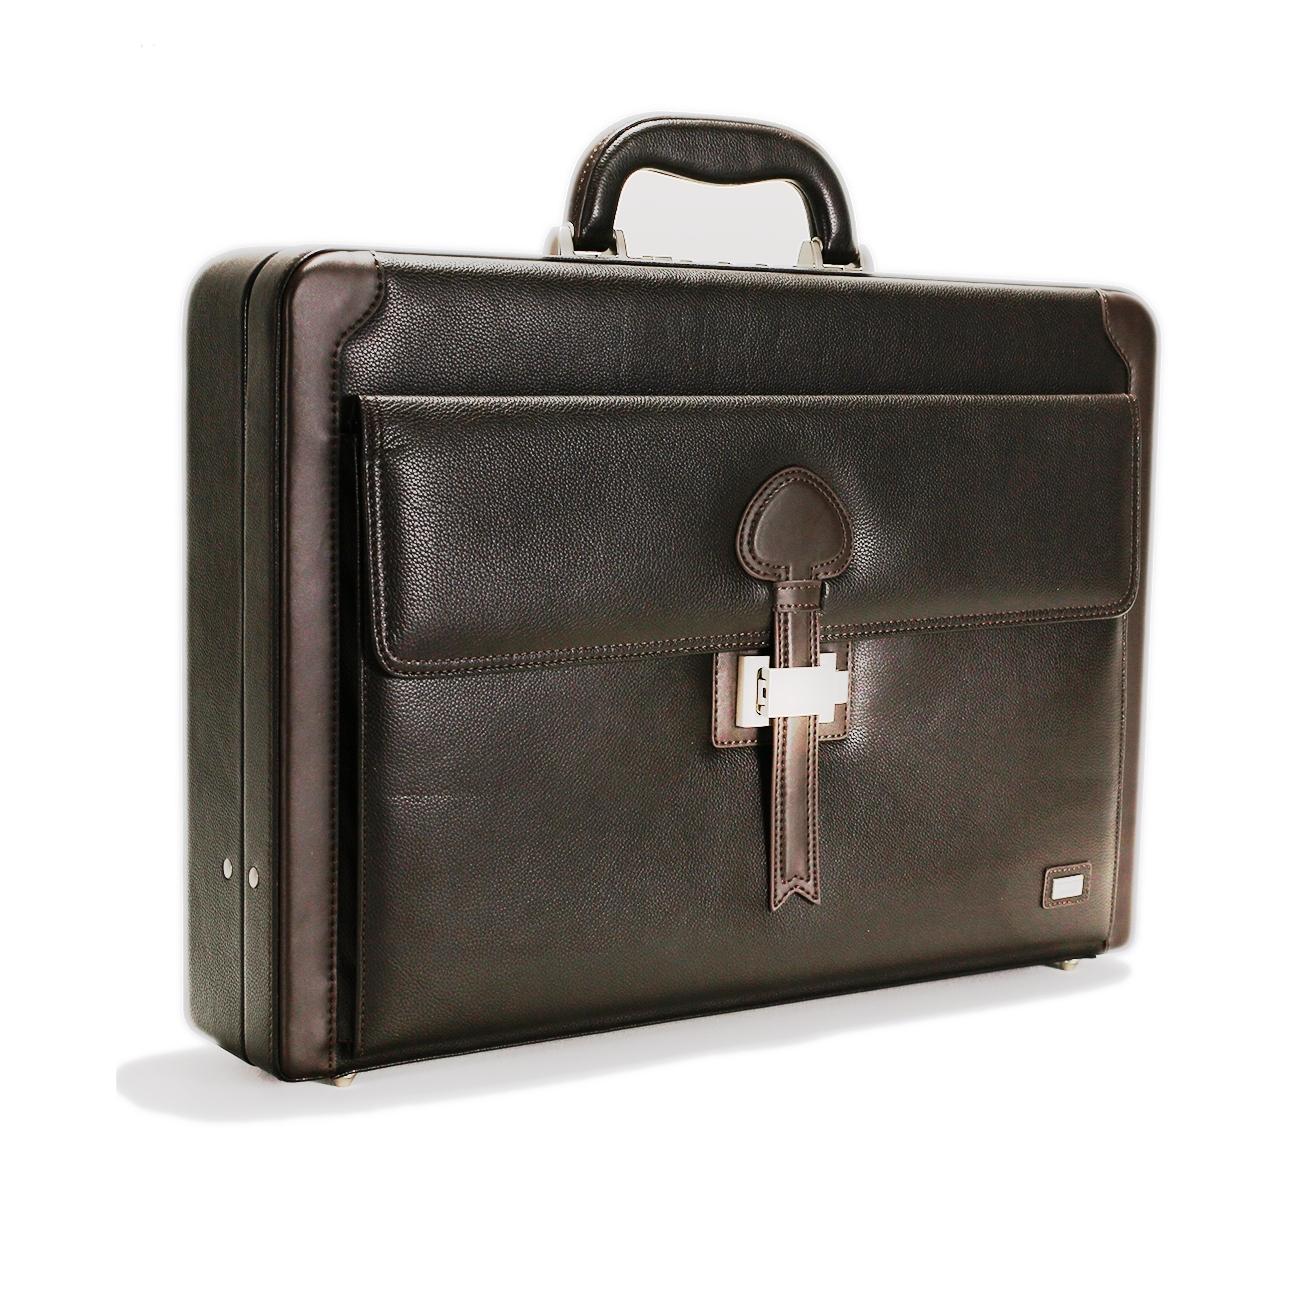 Leather Attache Case - CODE 131-0259